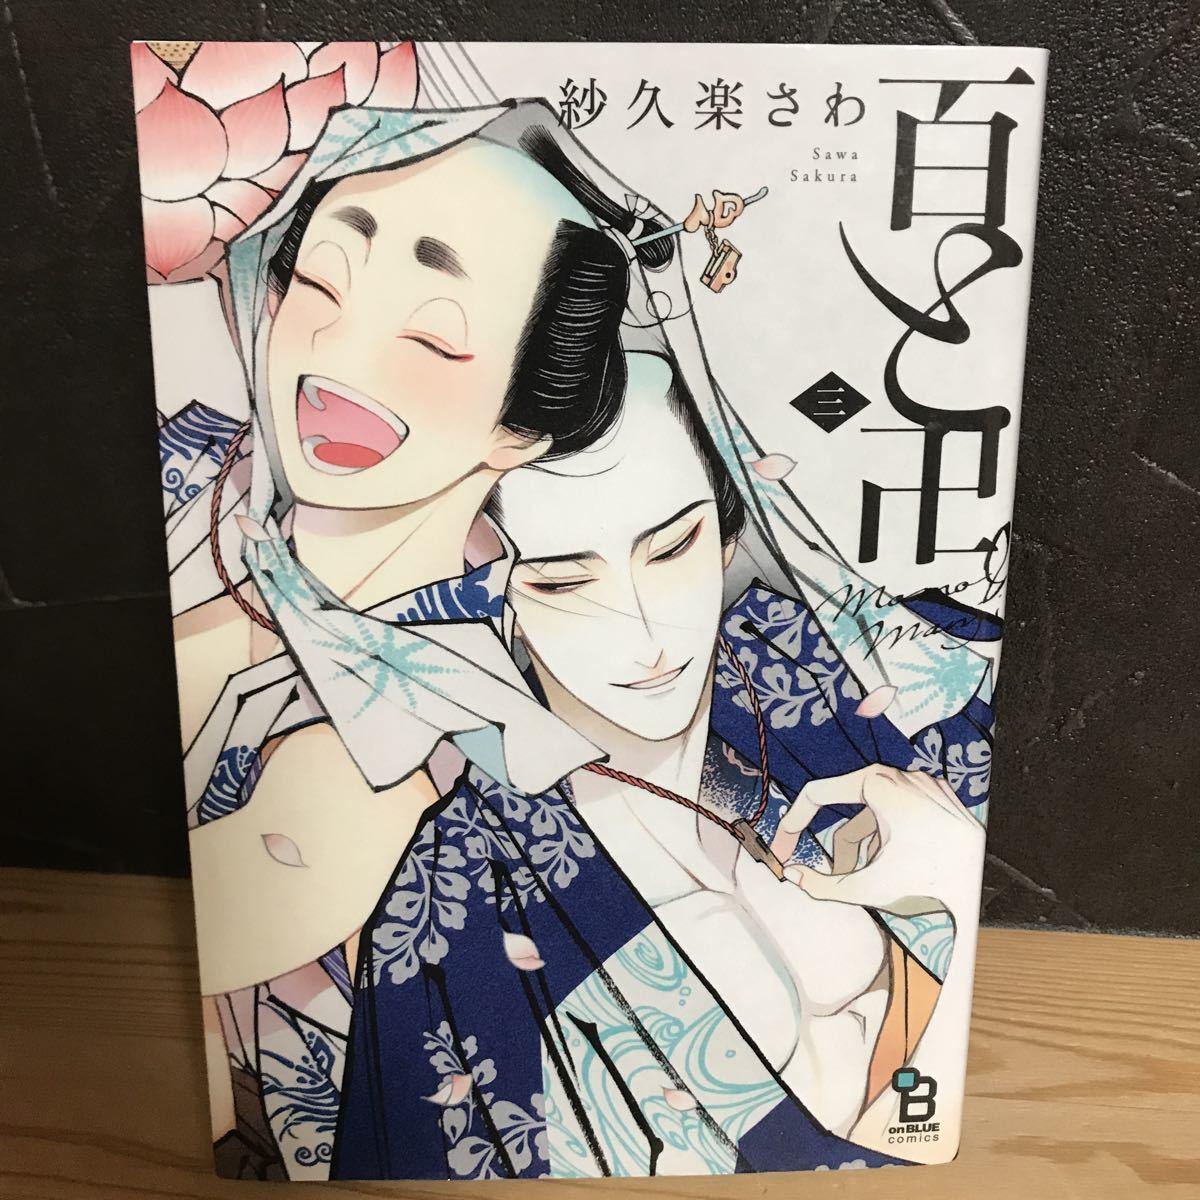 (2冊カウント) 百と卍 3 紗久楽さわ BLコミック ボーイズラブ 同梱可能